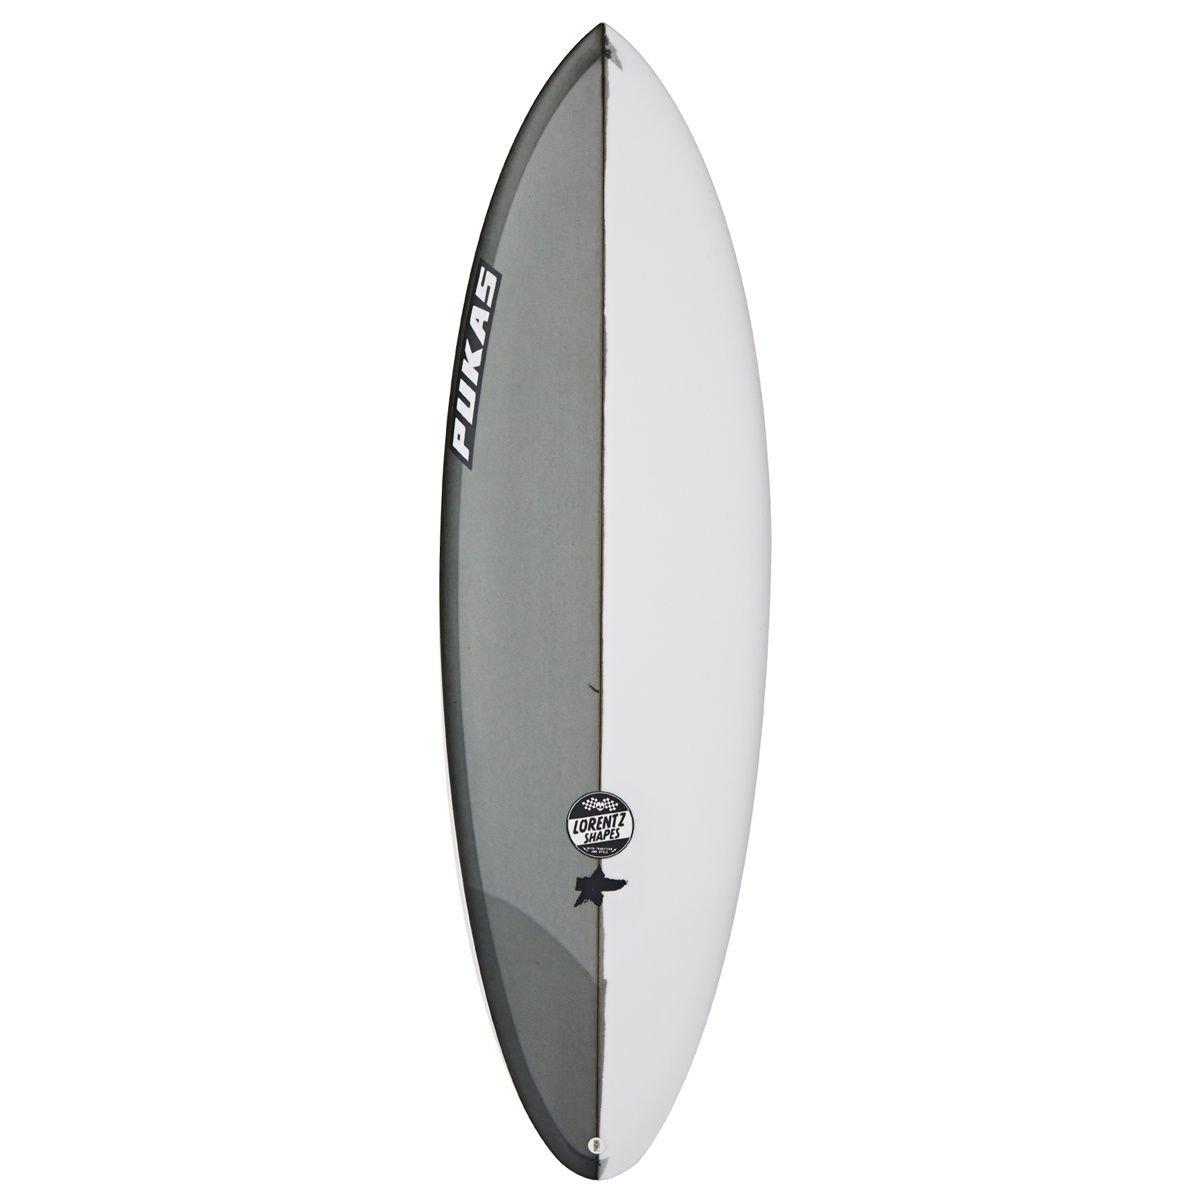 Tabla Pukas Sixtyniner - blanco/gris Blanco blanco Talla:5ft 10: Amazon.es: Deportes y aire libre